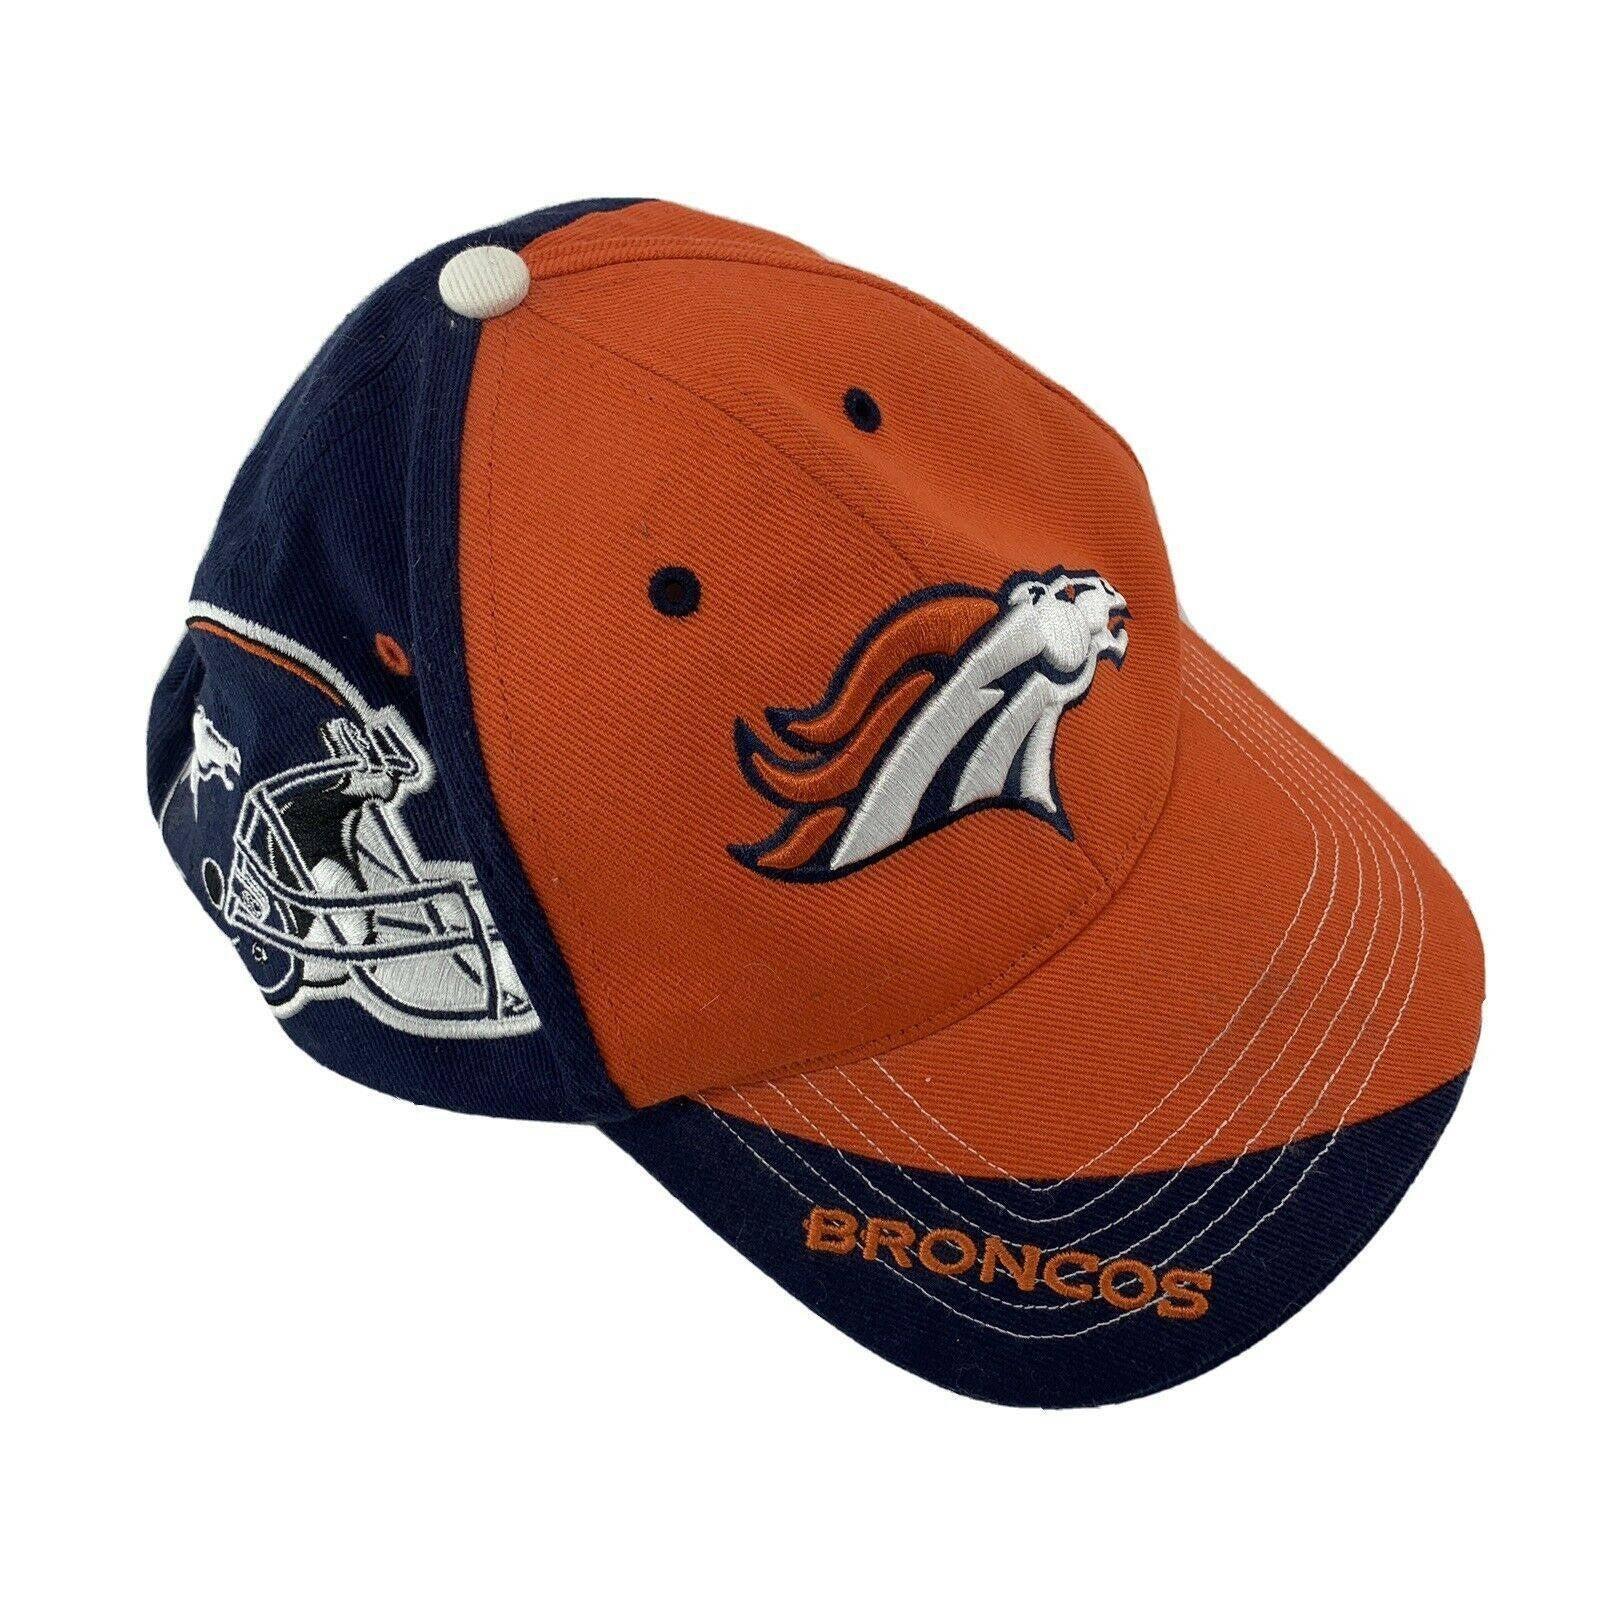 Denver Broncos 47 Brand NFL Football Hat